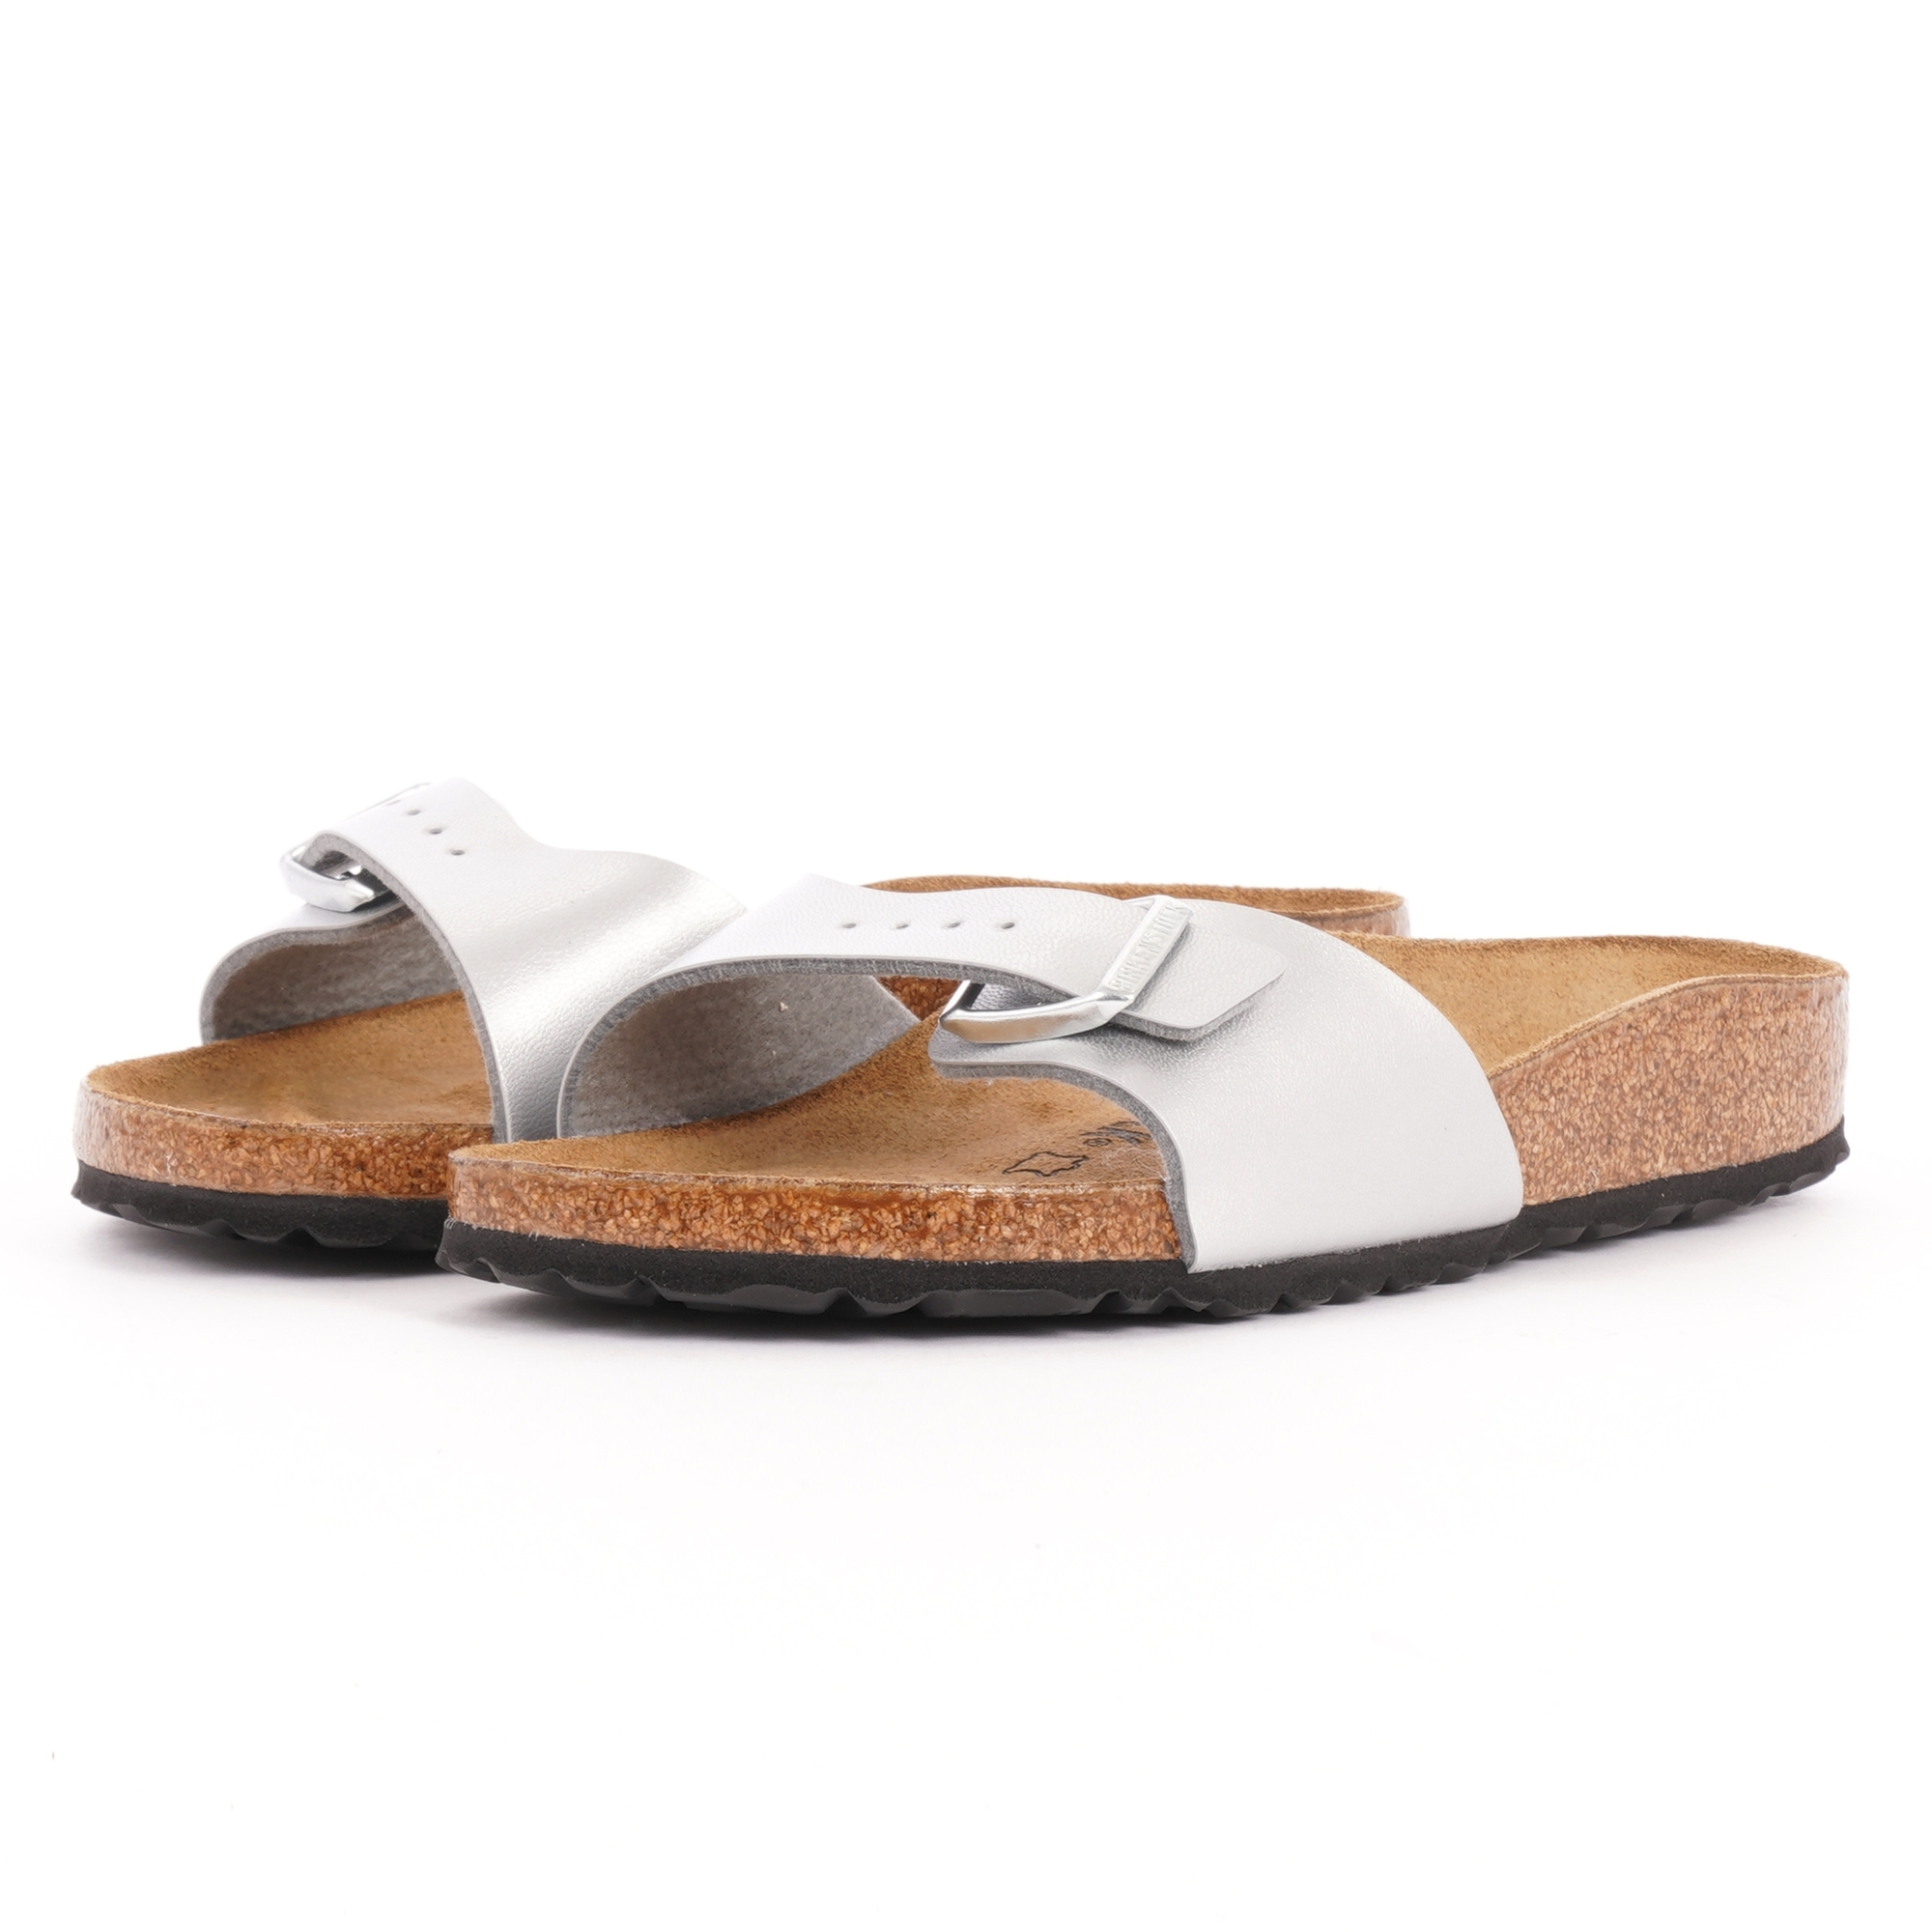 48cd0784a33b65 Birkenstock Womens Madrid Sandals